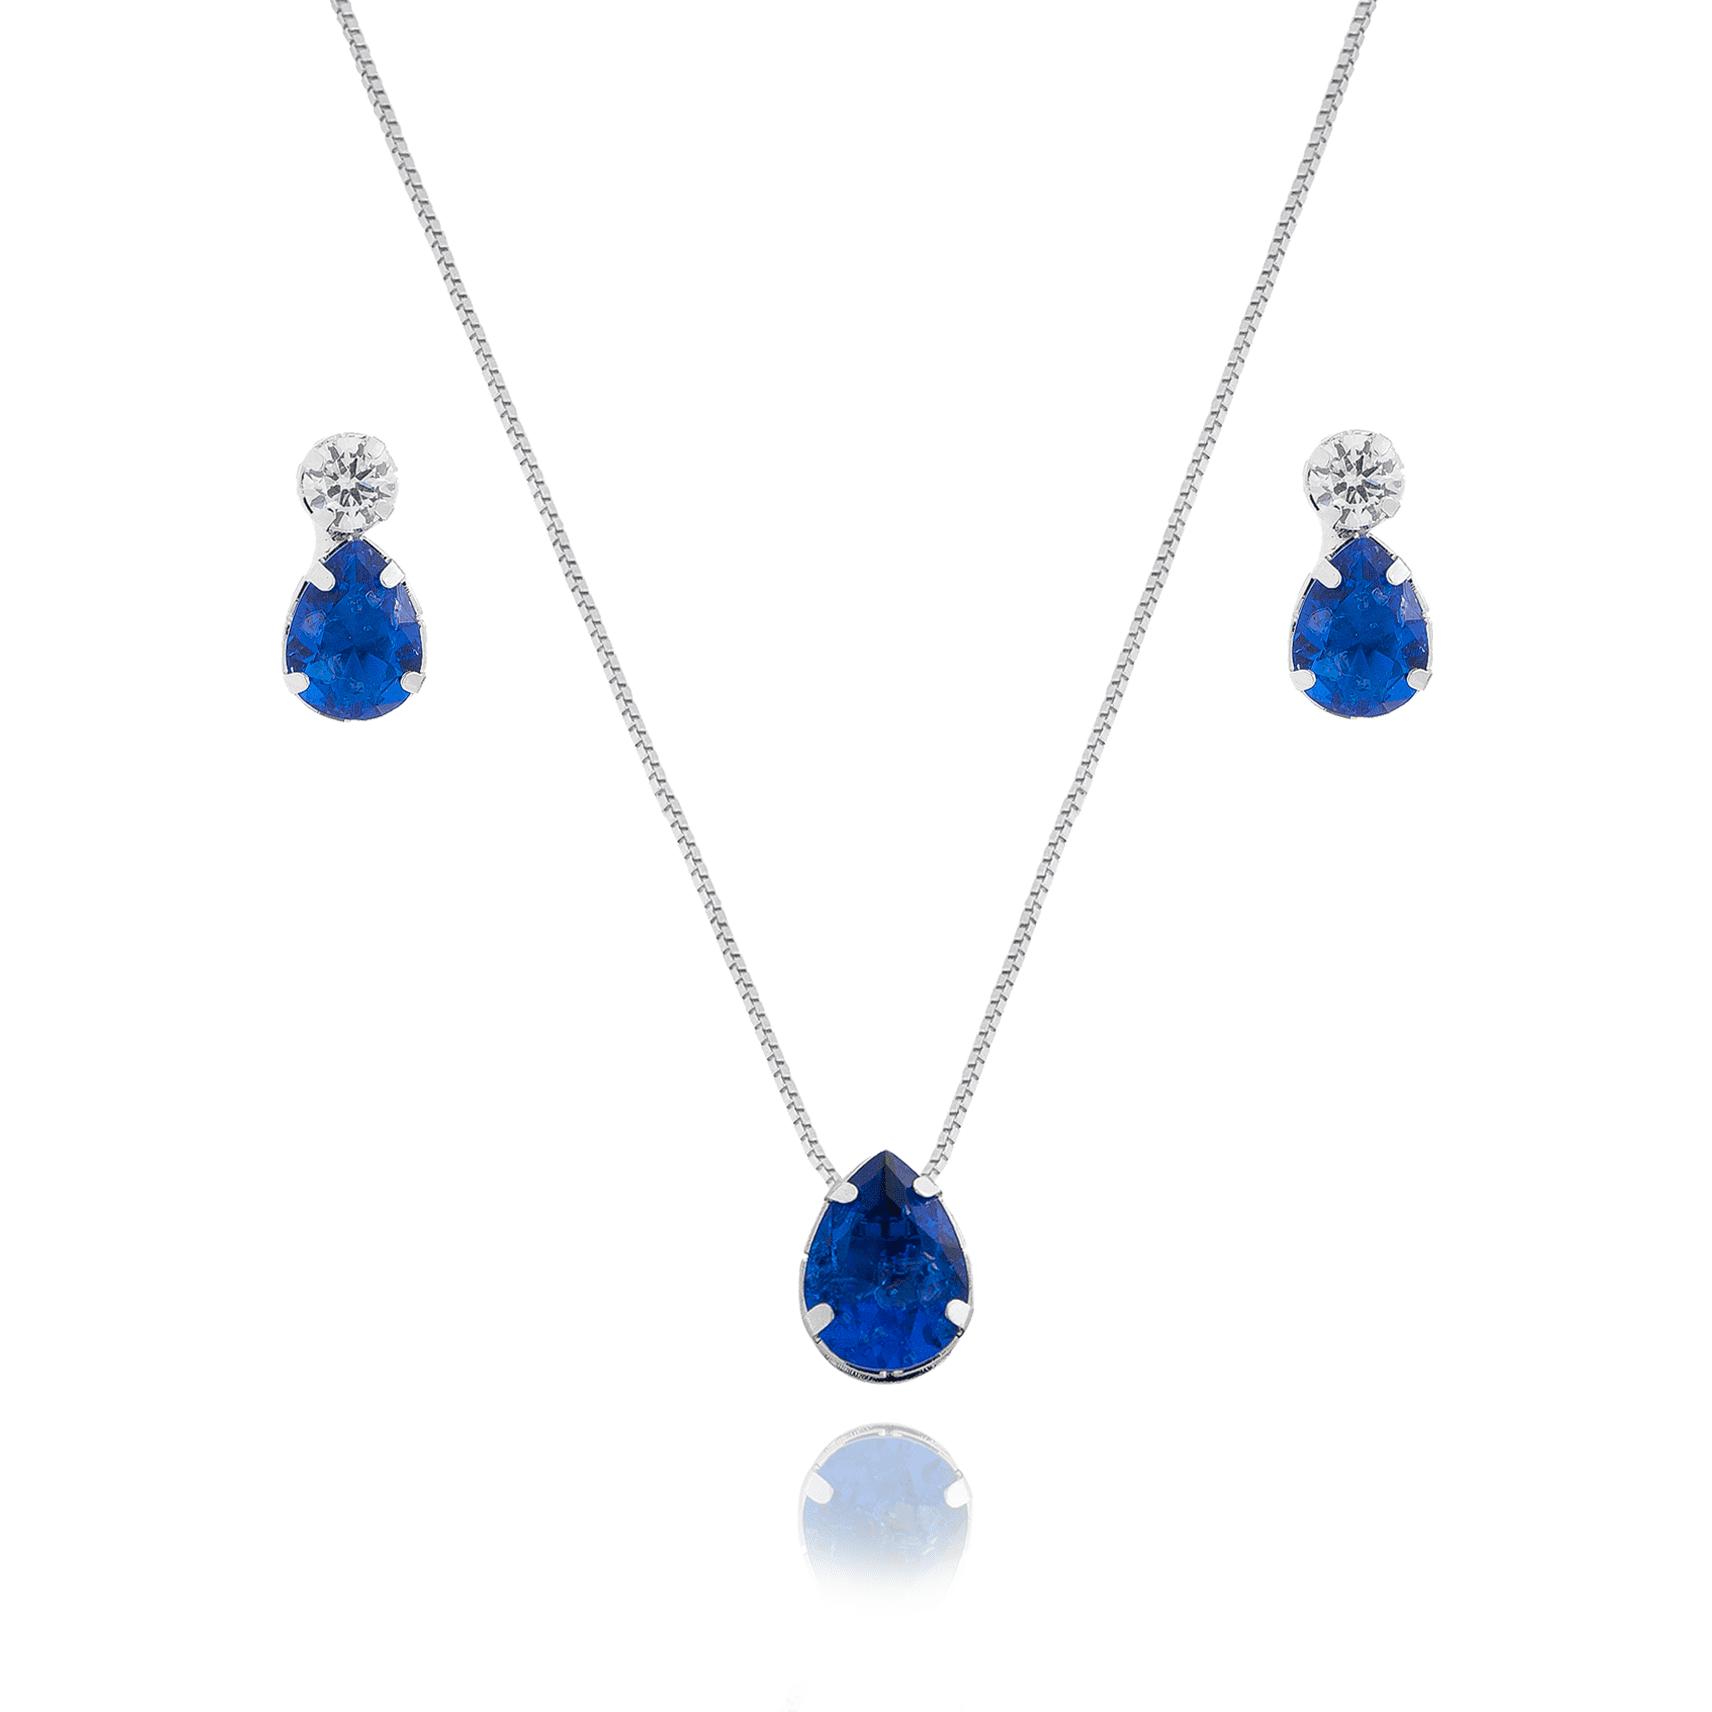 Conjunto de Colar e Brincos Gota com Pedra Fusion Azul Folheado em Ródio Branco - Giro Semijoias